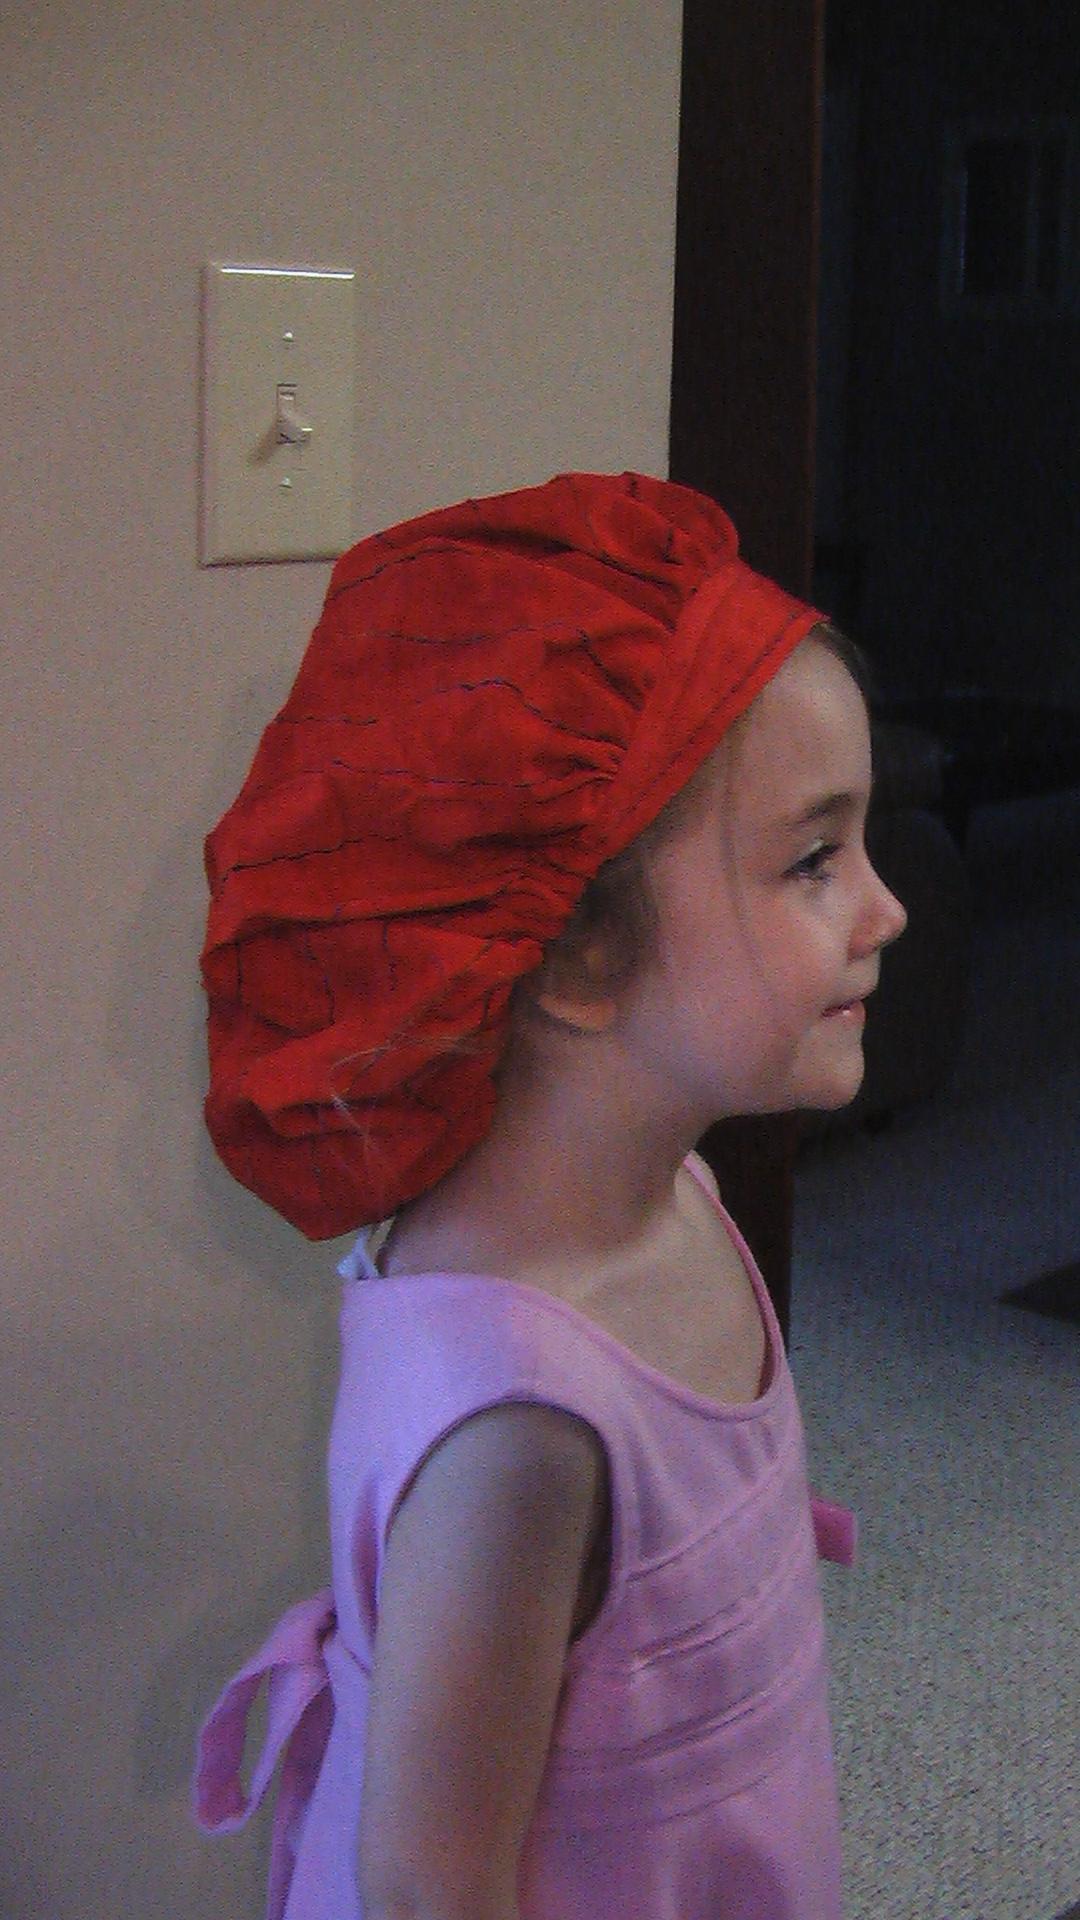 Reagan models the hat